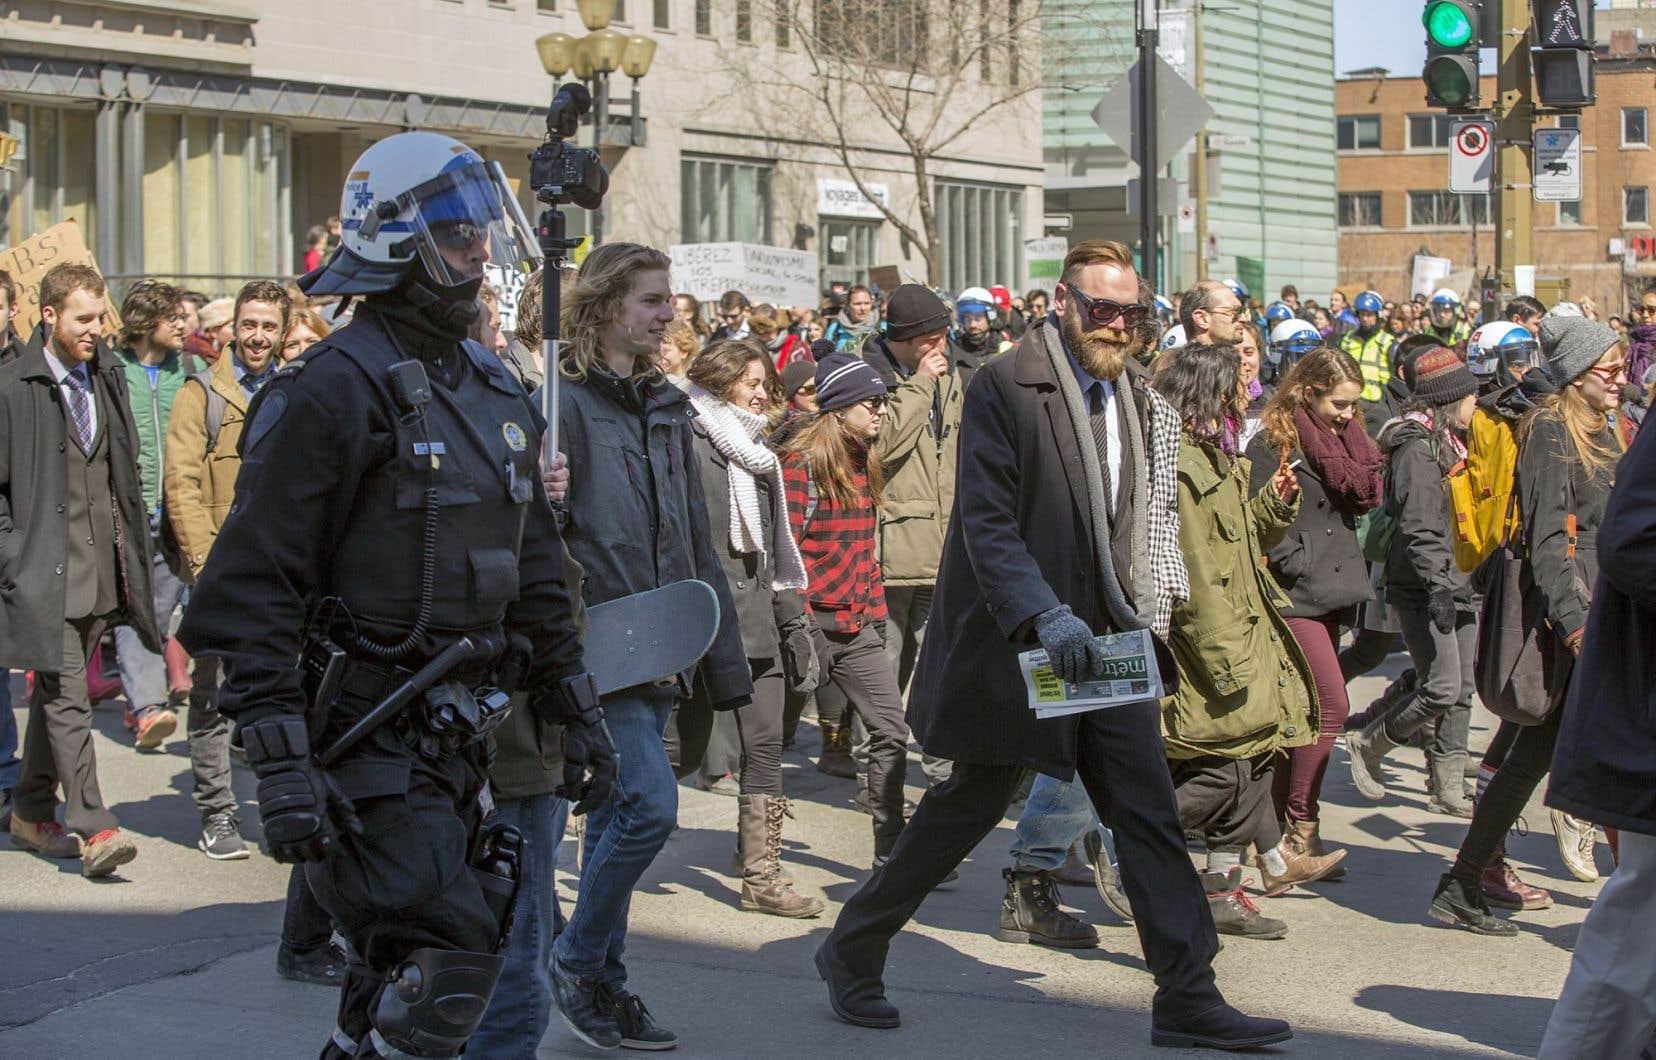 Le ton des manifestants anti-austérité a subitement changé, mercredi dans les rues du centre-ville de Montréal. Le temps d'un après-midi, à l'occasion du poisson d'avril, ils ont troqué le sérieux de leur revendication pour l'ironie.